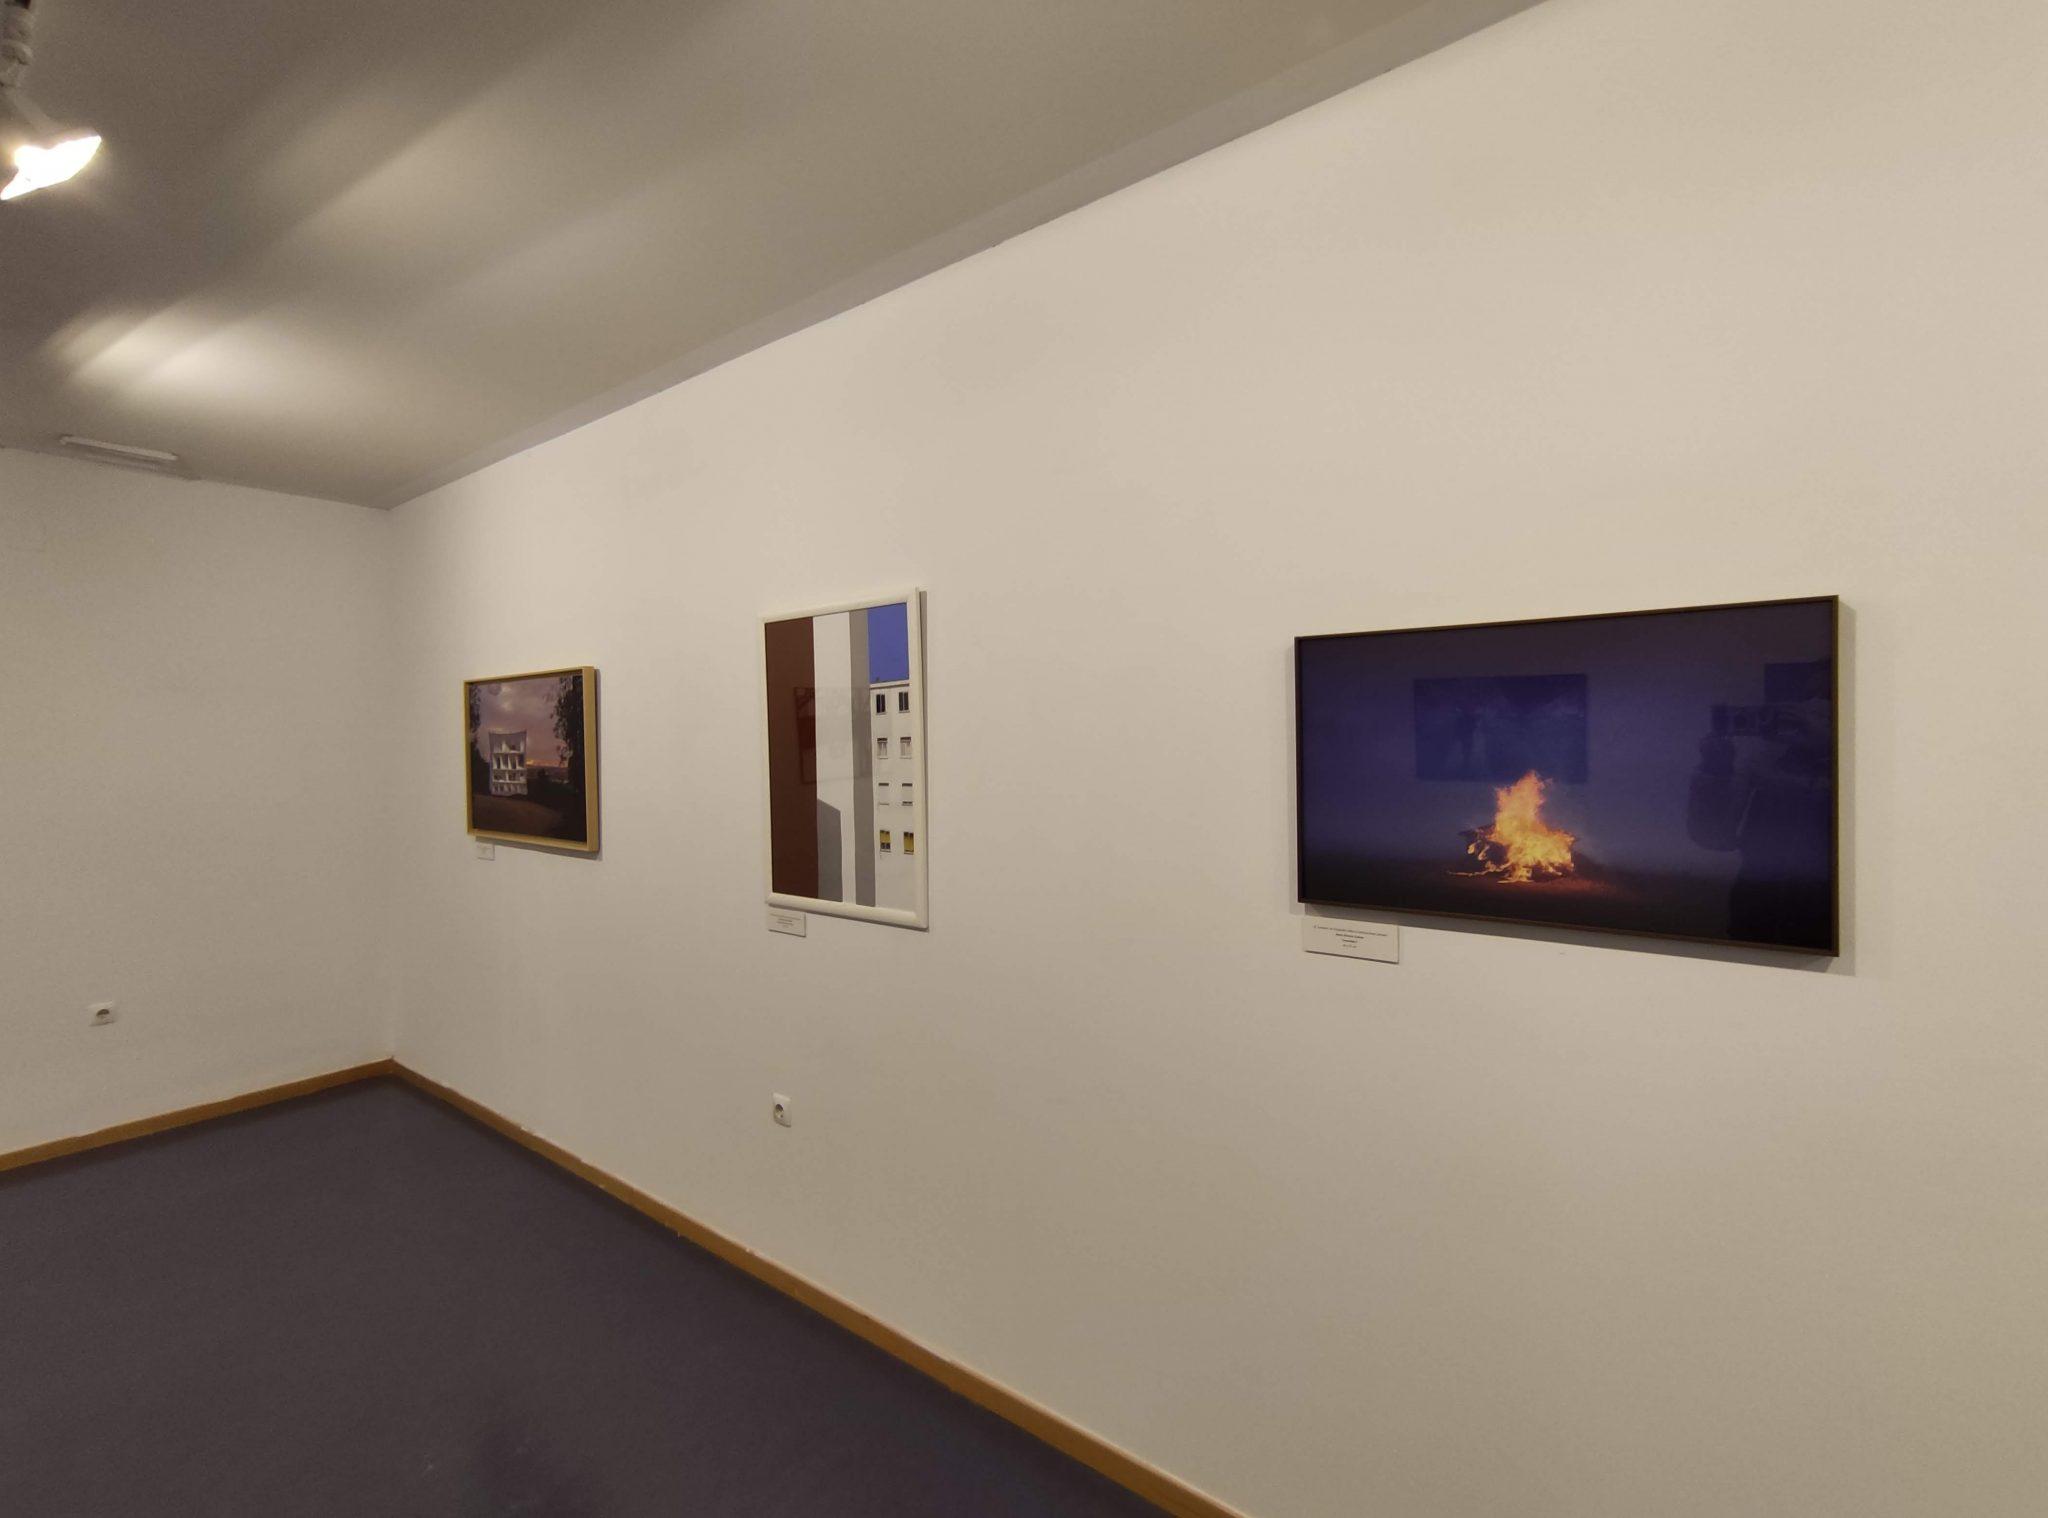 Inaugurada la exposición de obras del '5º Certamen de fotografía urbana contemporánea leonesa' en el campus de Ponferrada 3